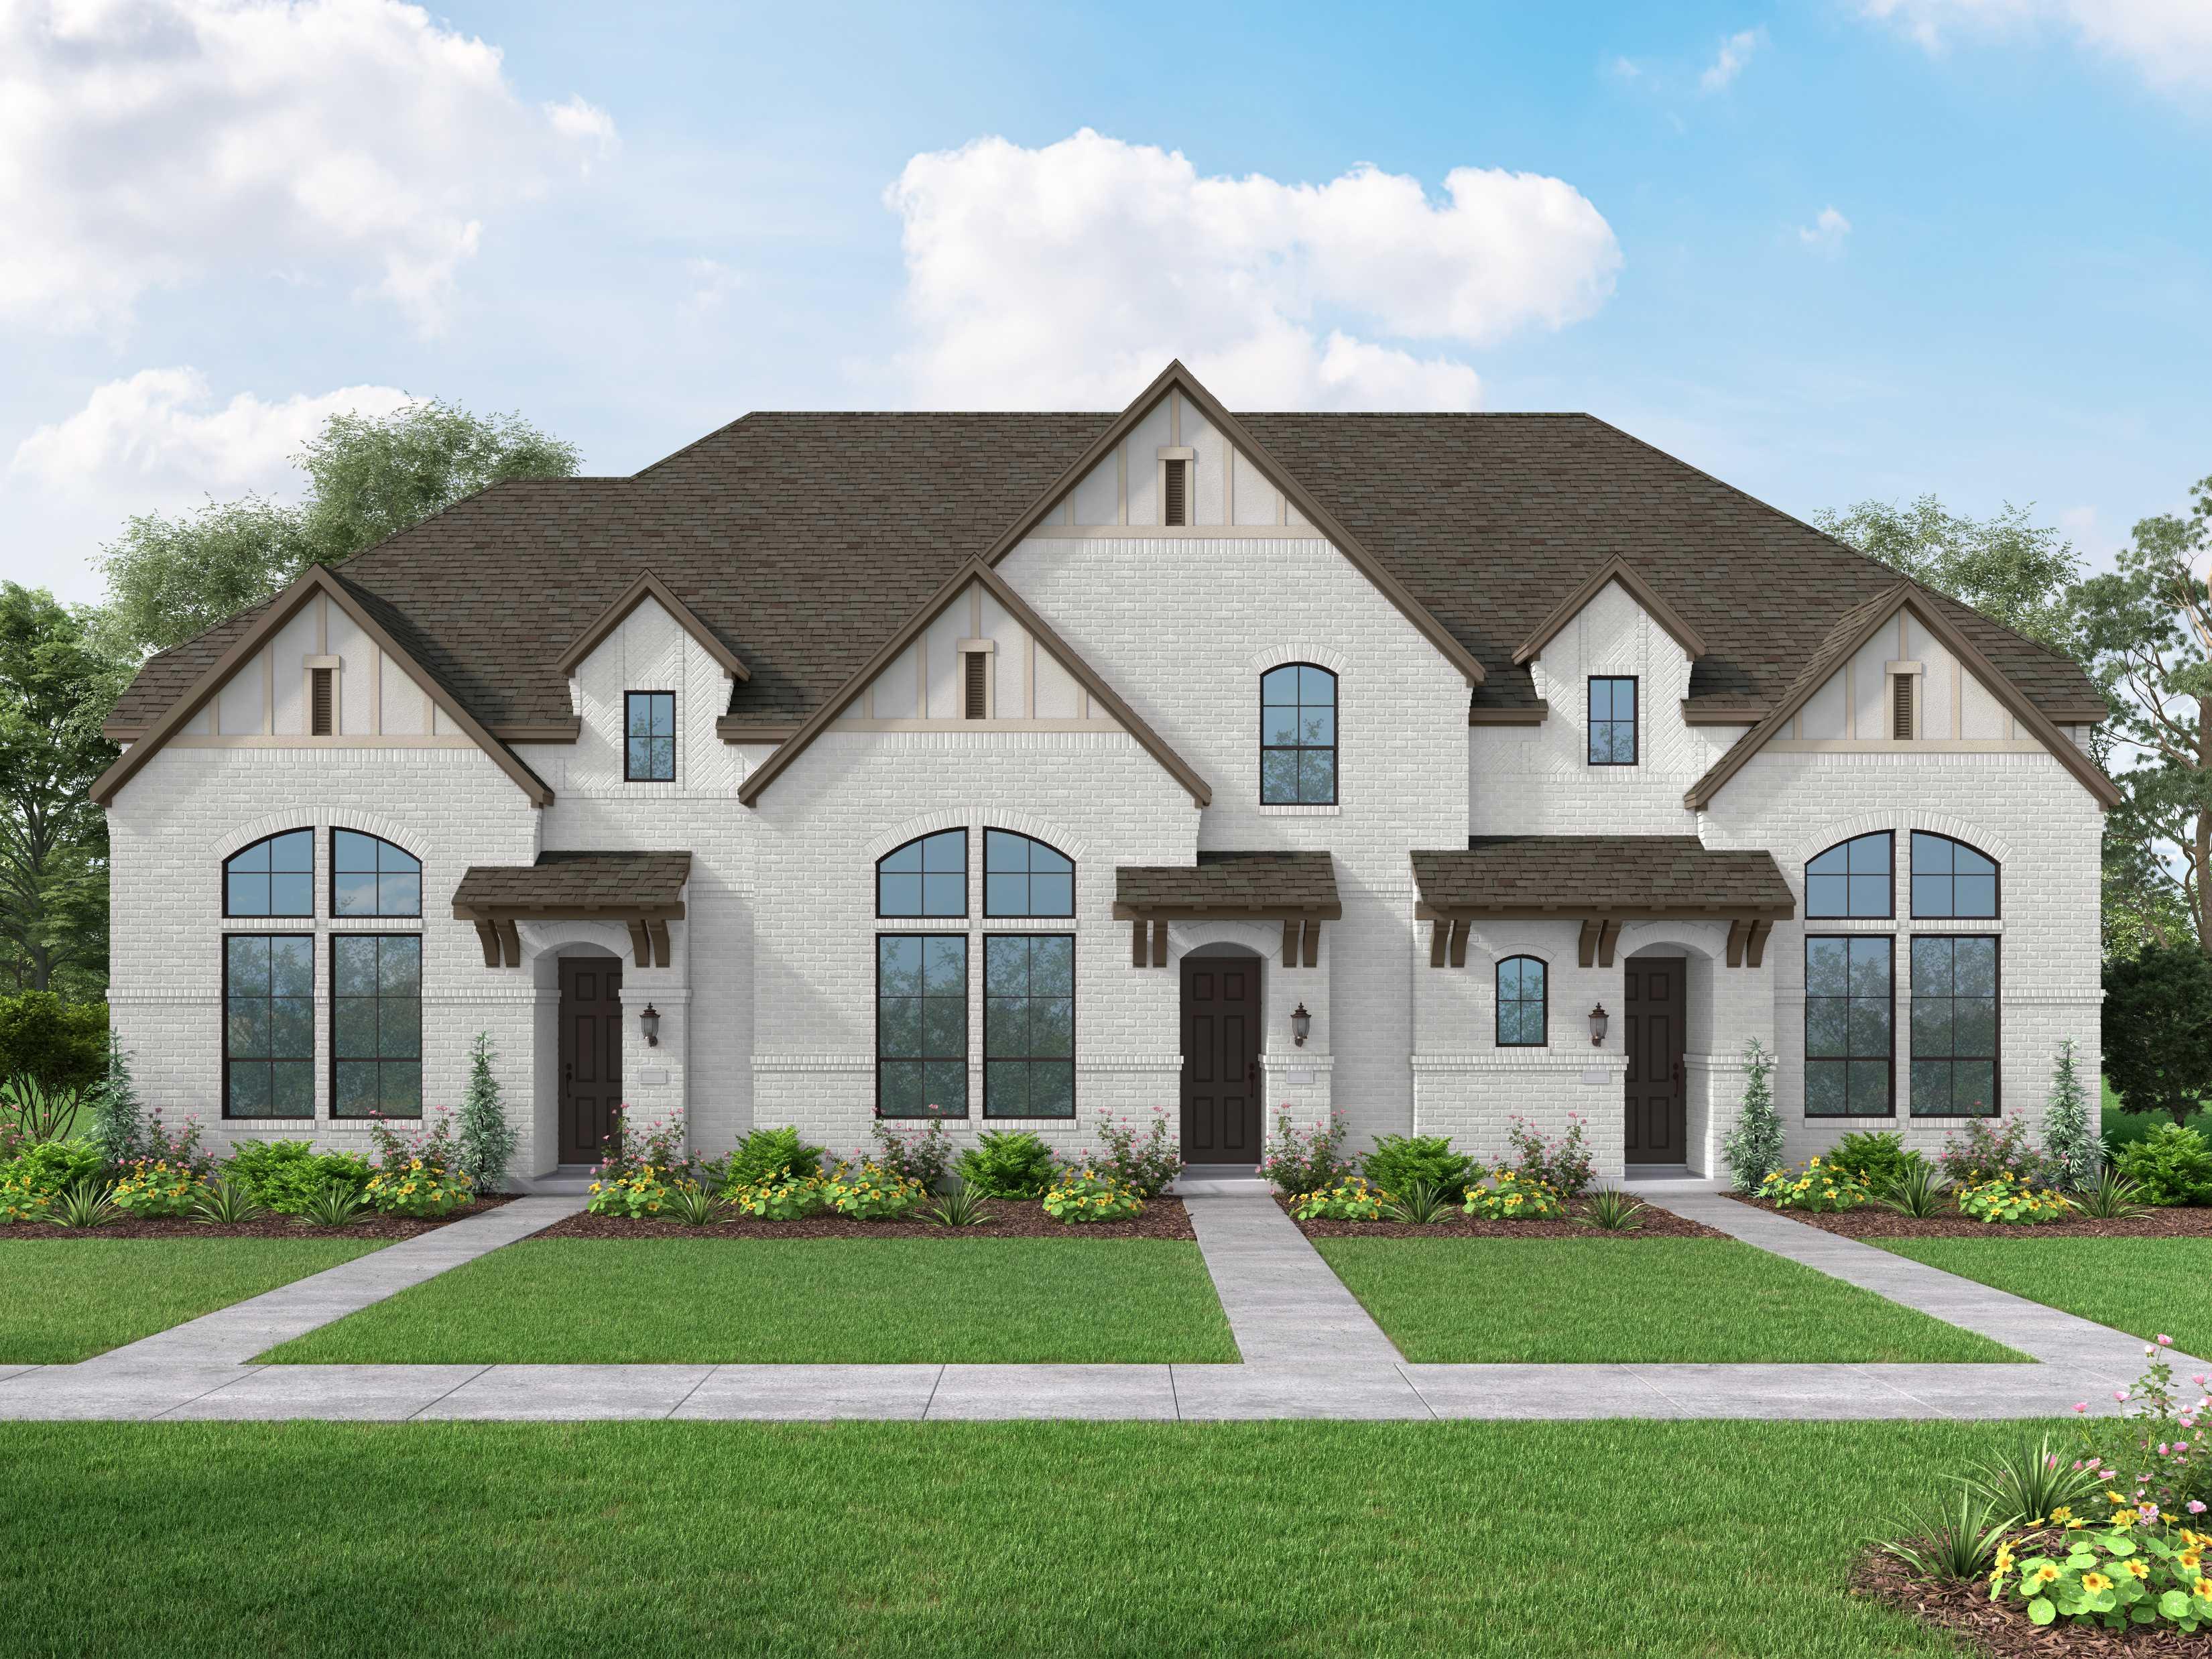 Tudor 3-Home Configuration